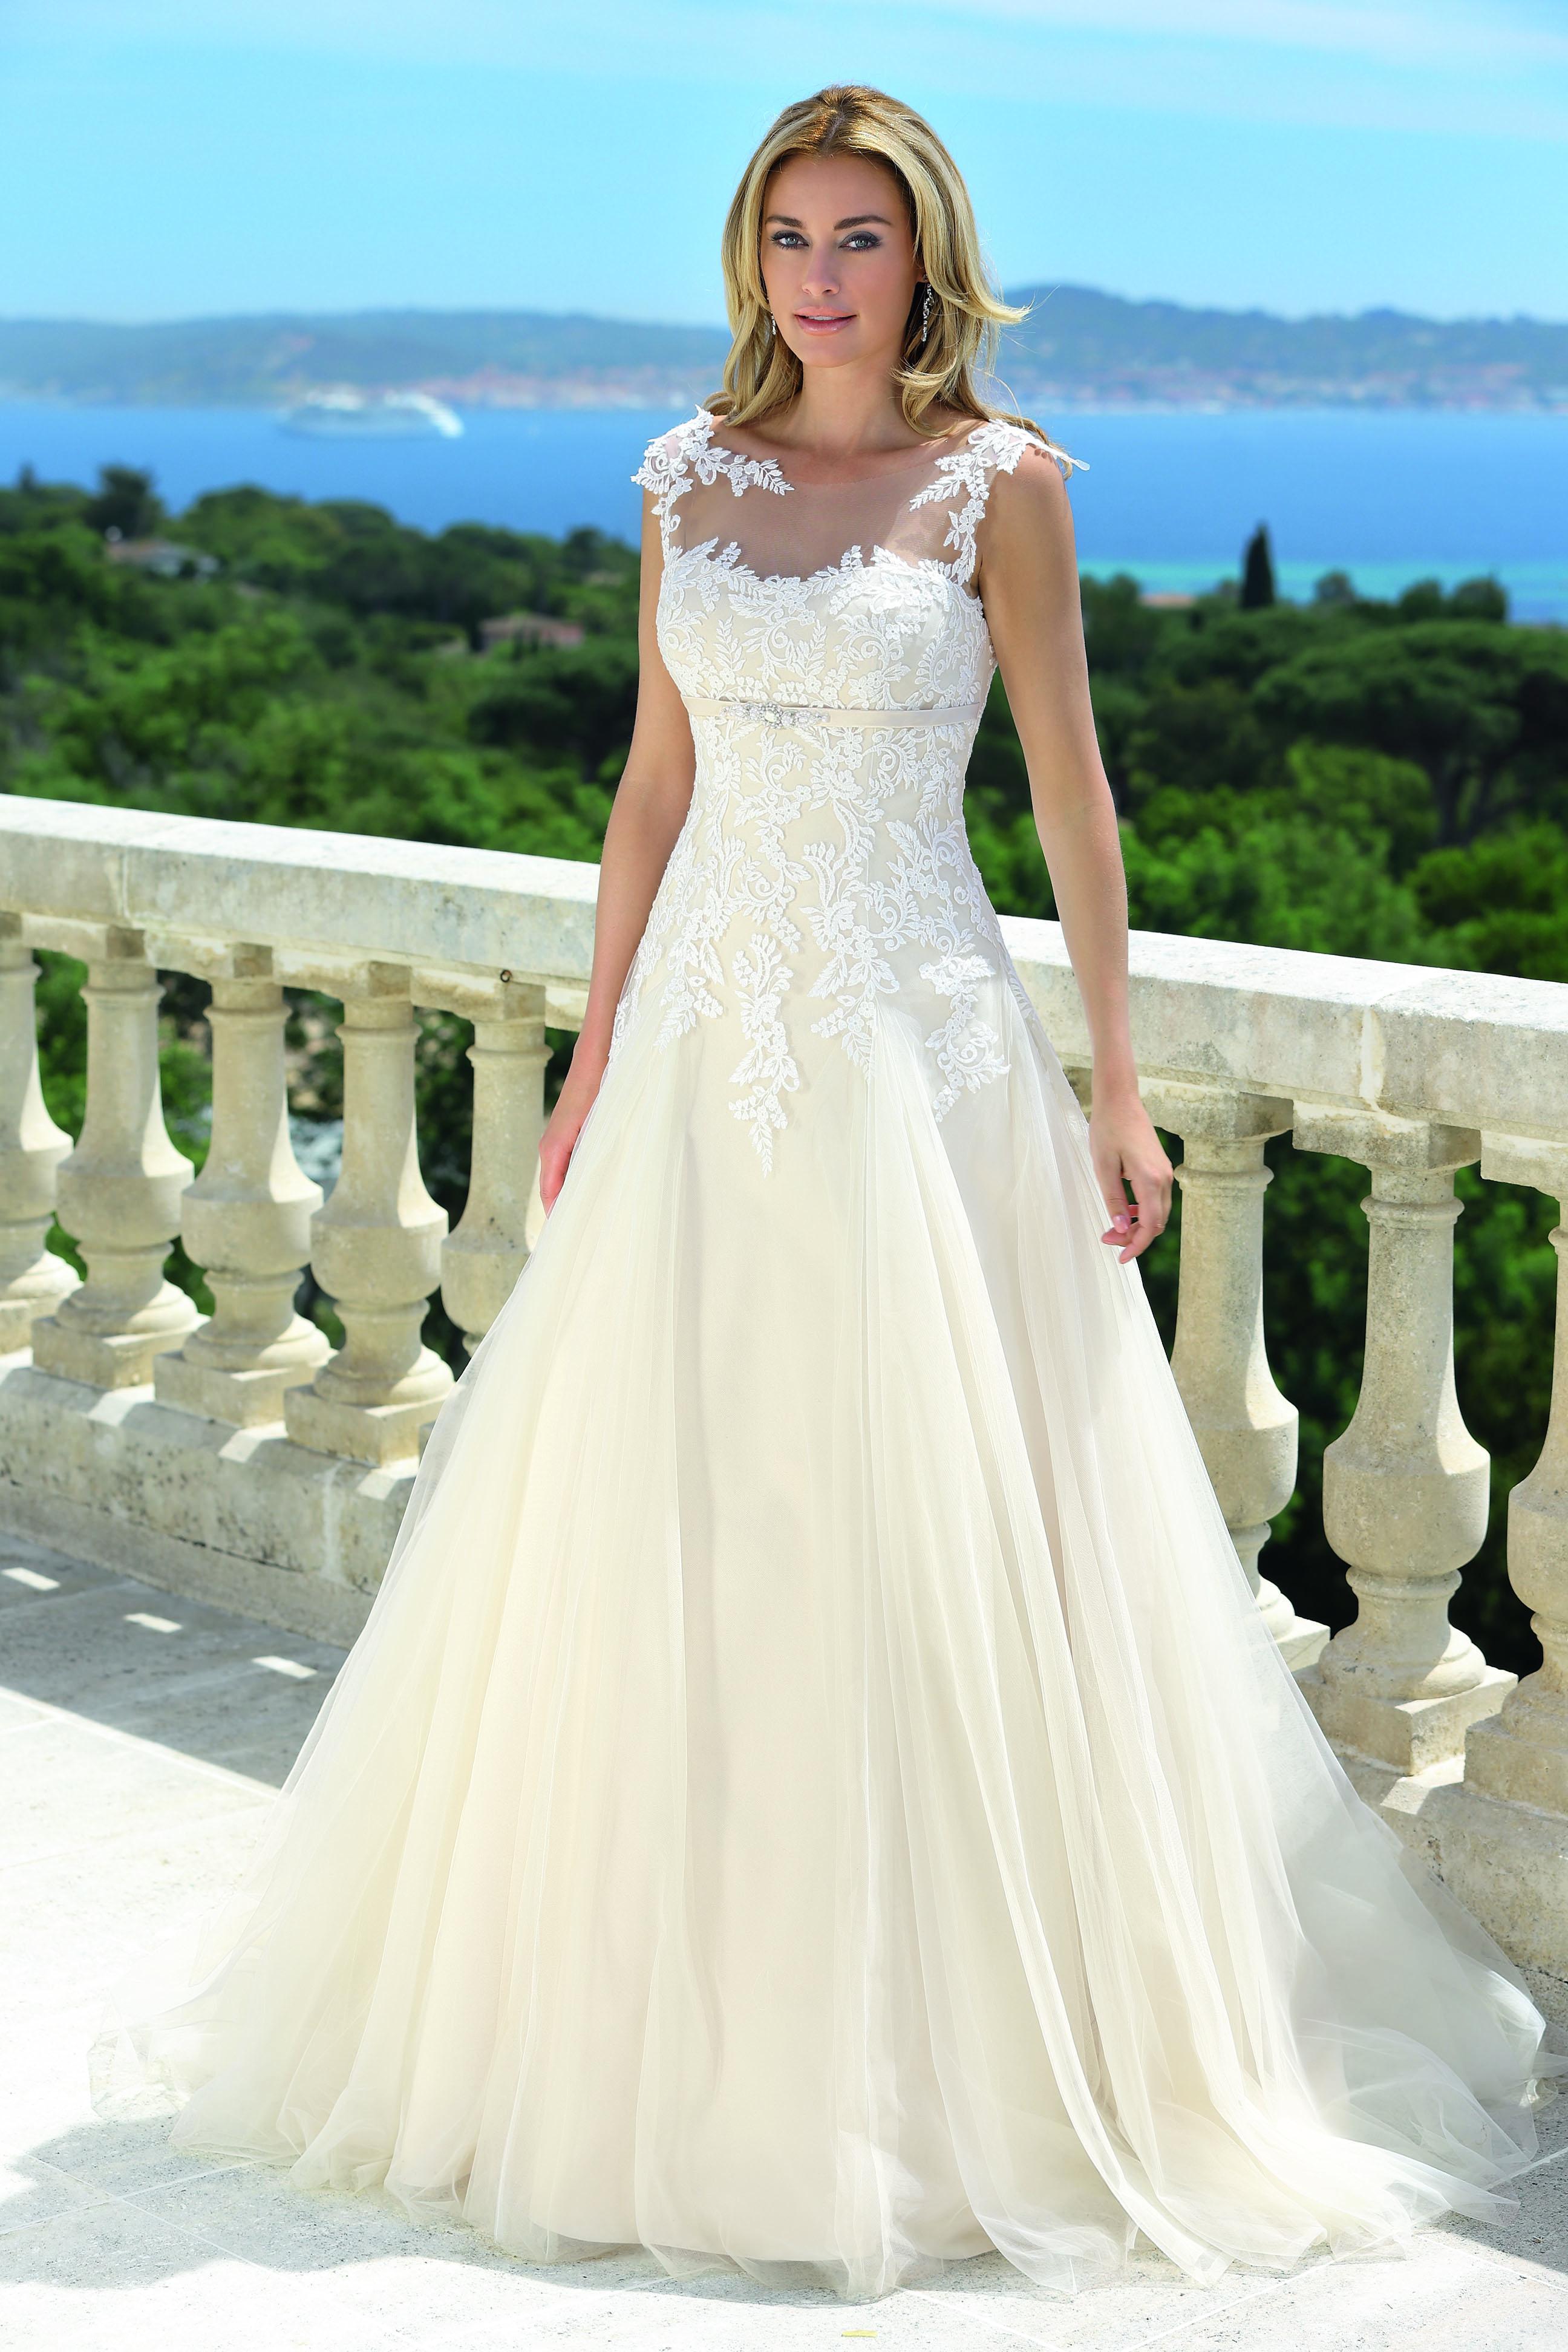 Fantastisch Brautkleider Waco Tx Bilder - Brautkleider Ideen ...